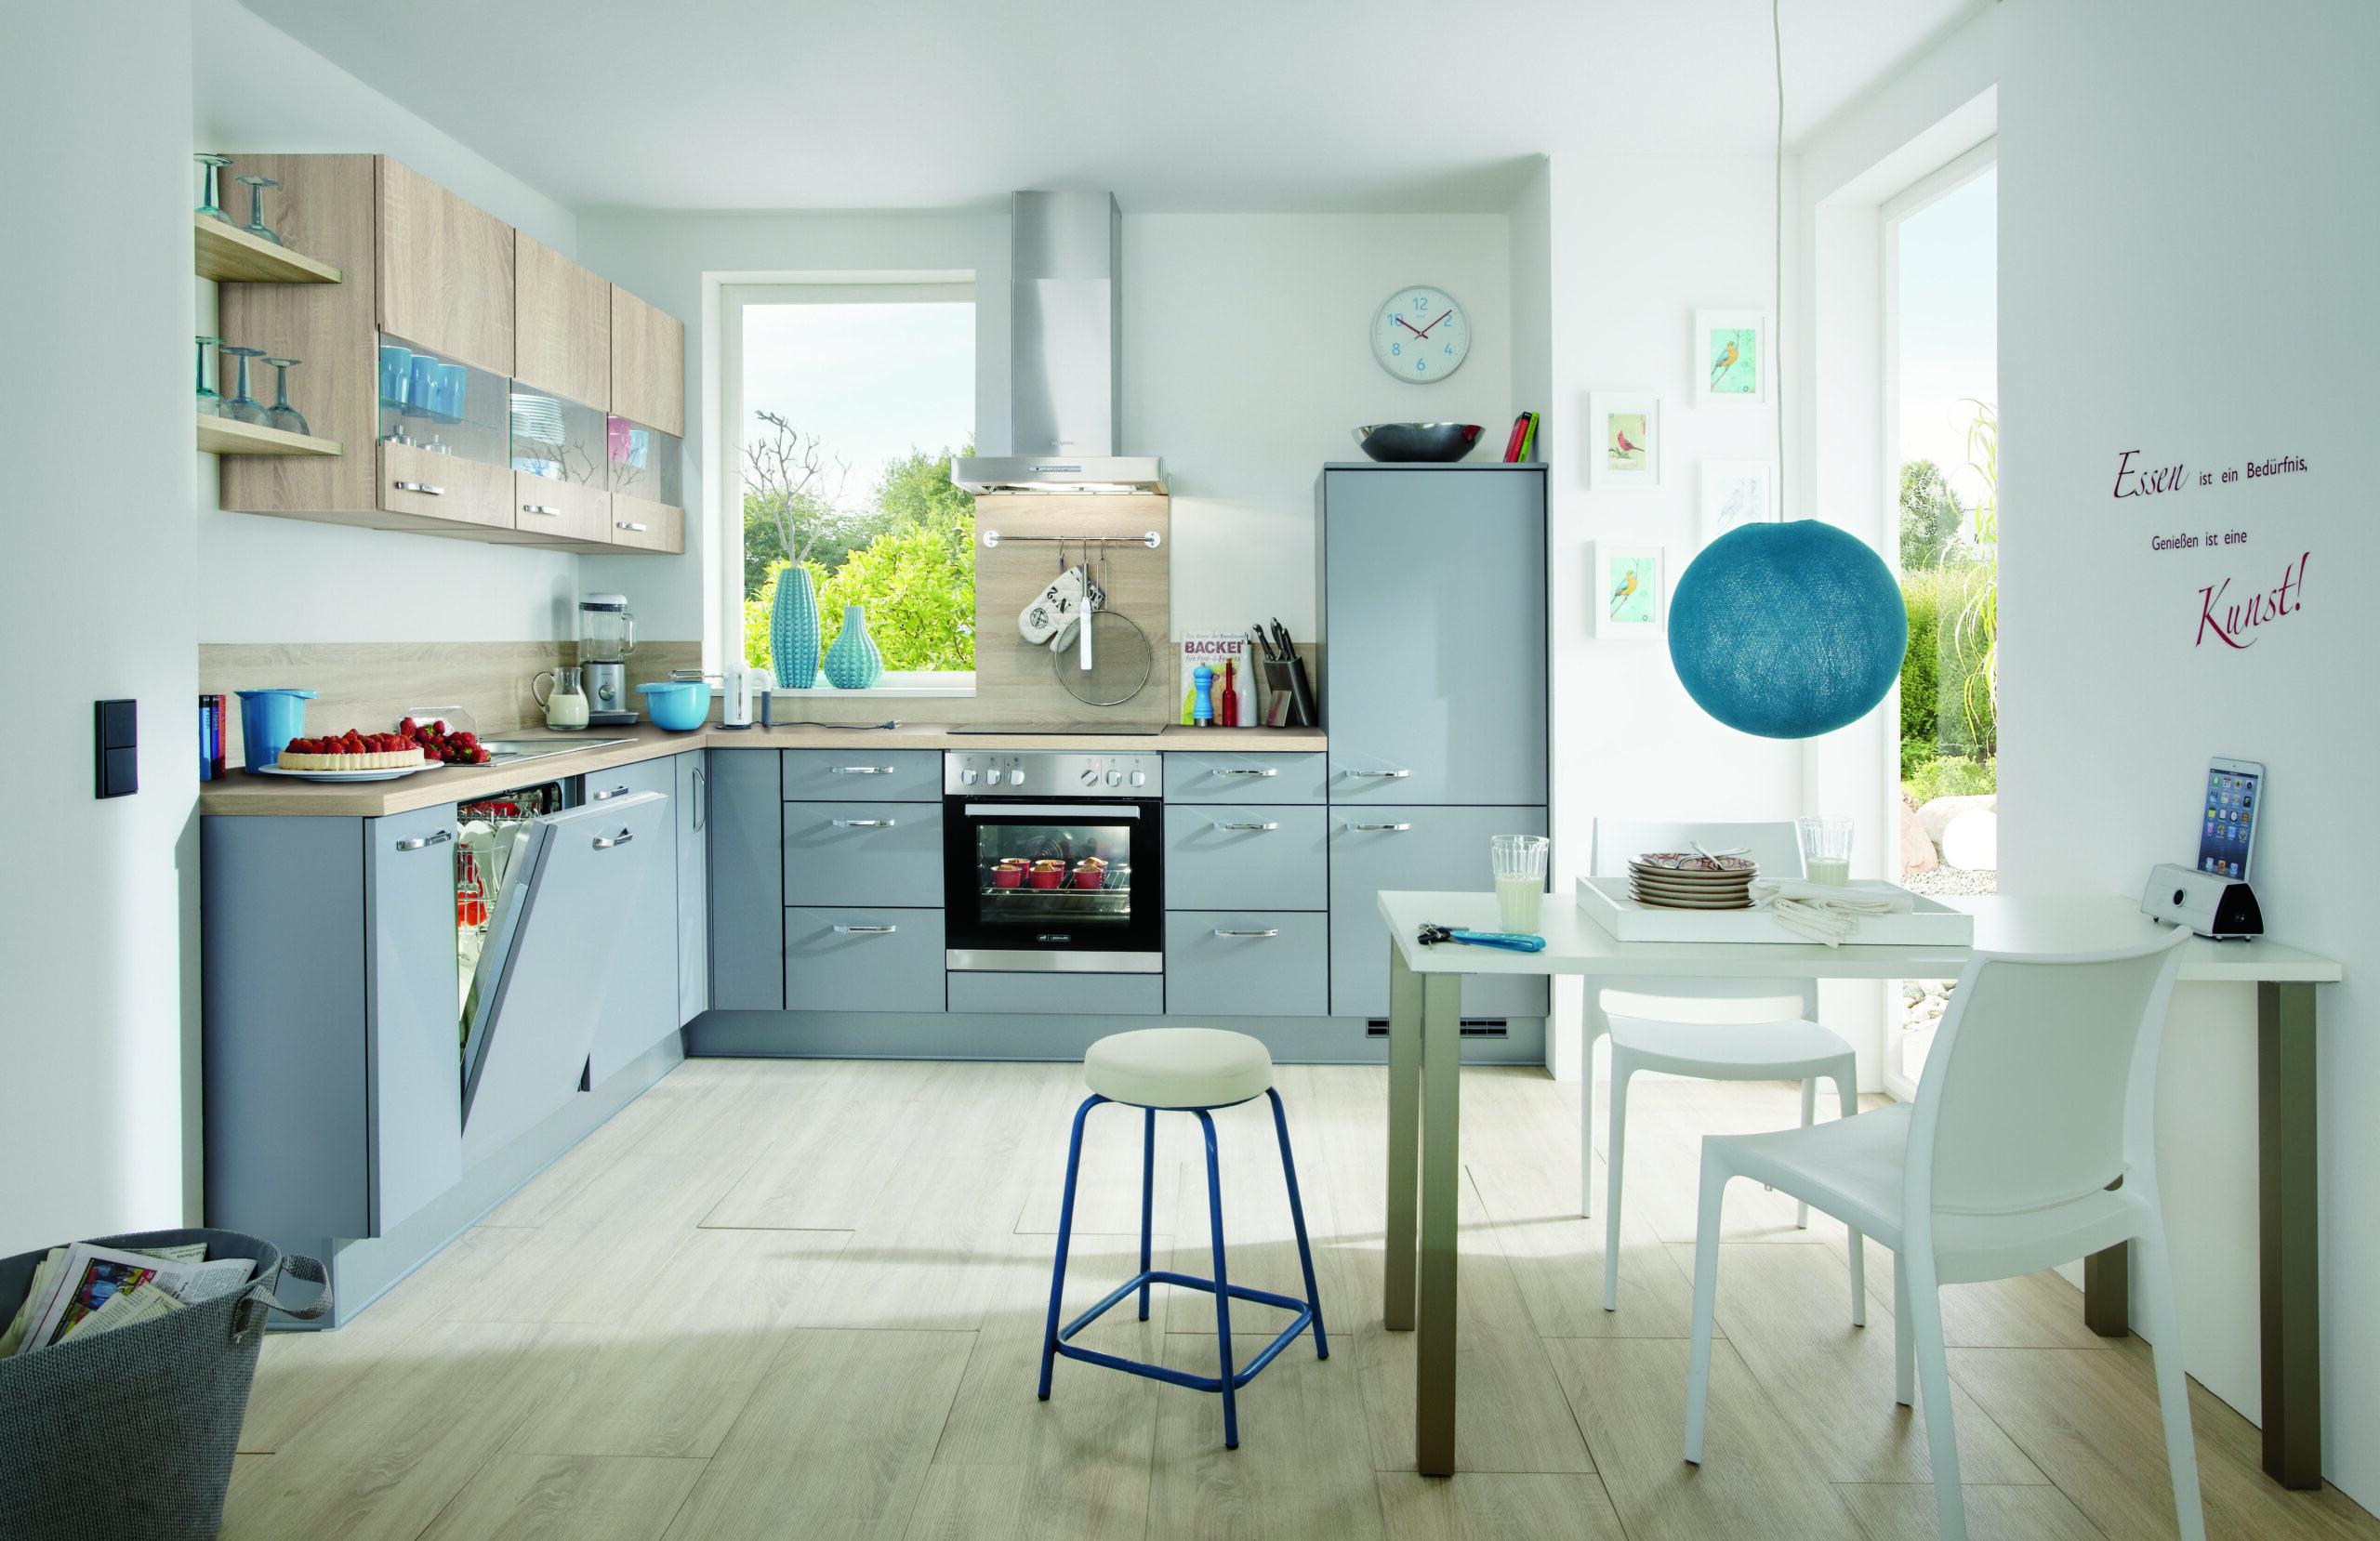 Full Size of Küchenblende Kchenrenovierung 7 Tipps Wie Sie Ihre Alte Kche Aufmbeln Wohnzimmer Küchenblende